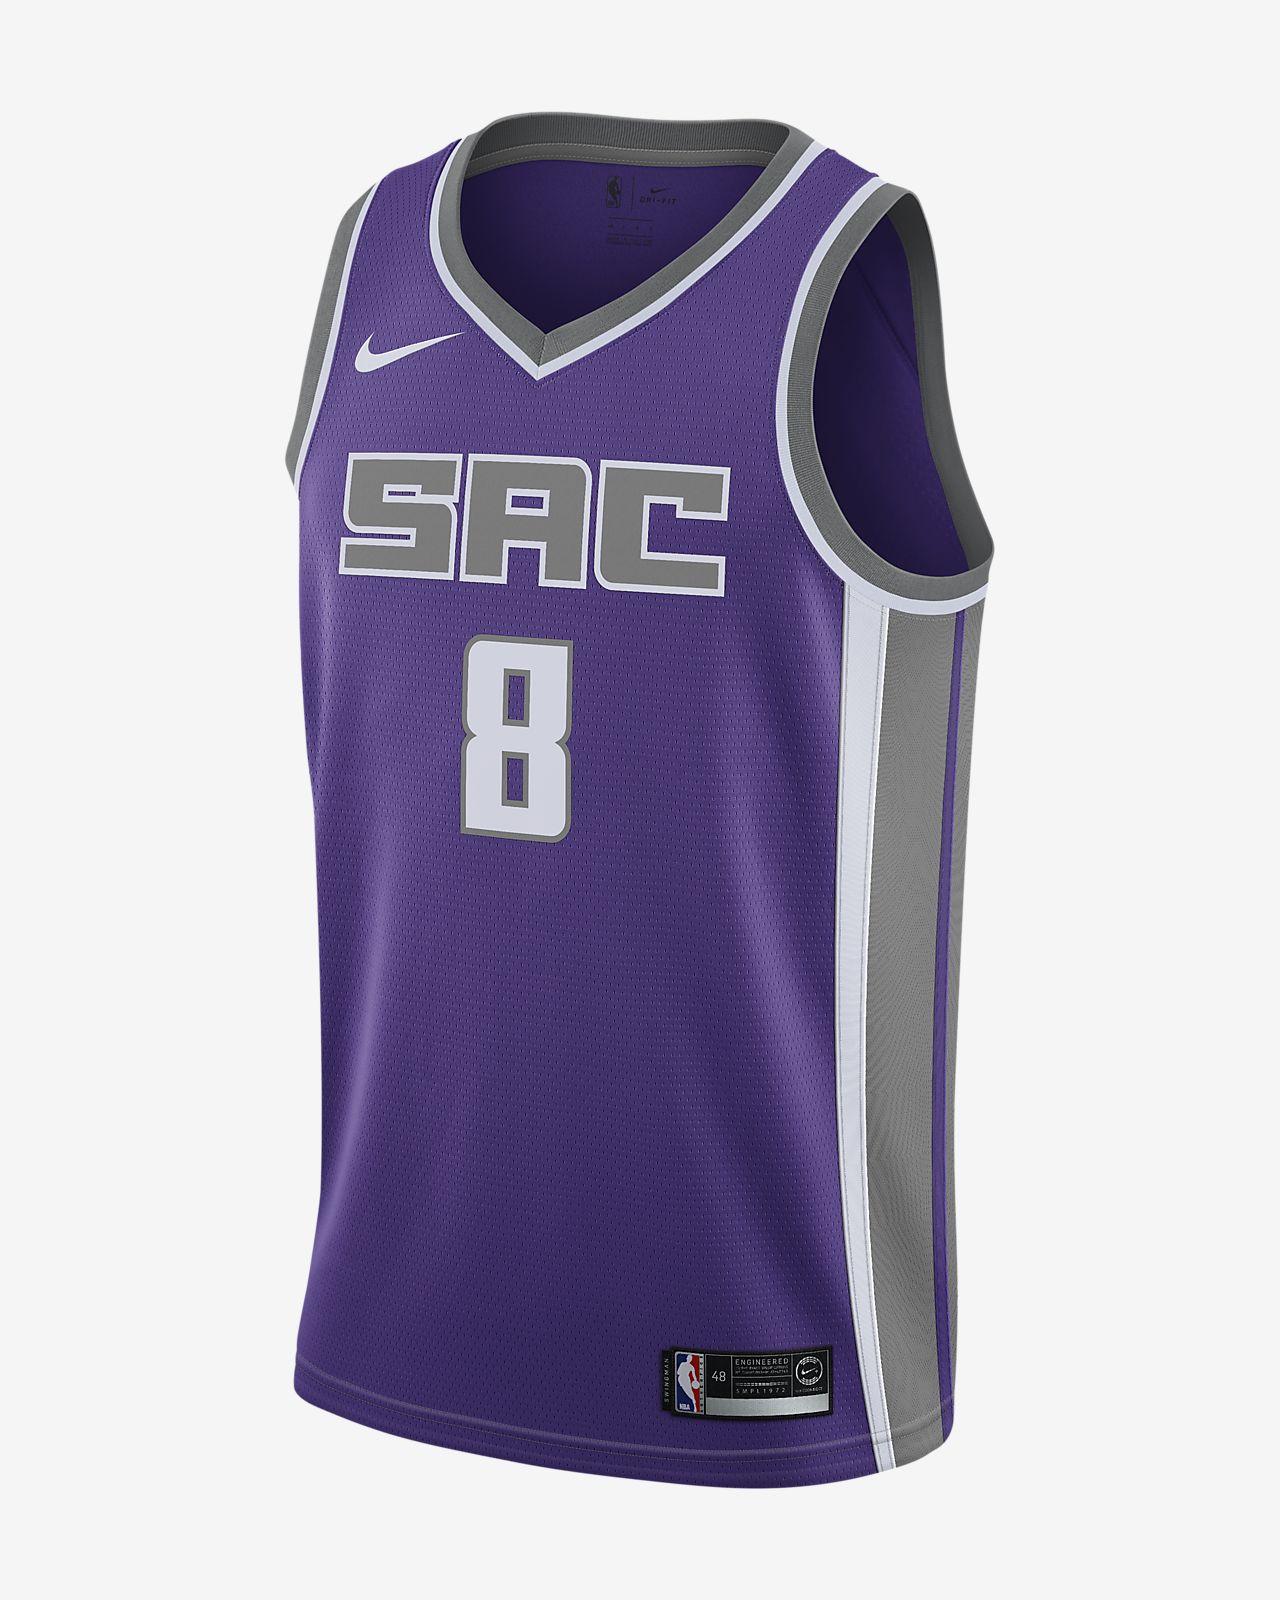 Camiseta conectada Nike NBA para hombre Bogdan Bogdanović Icon Edition Swingman (Sacramento Kings)